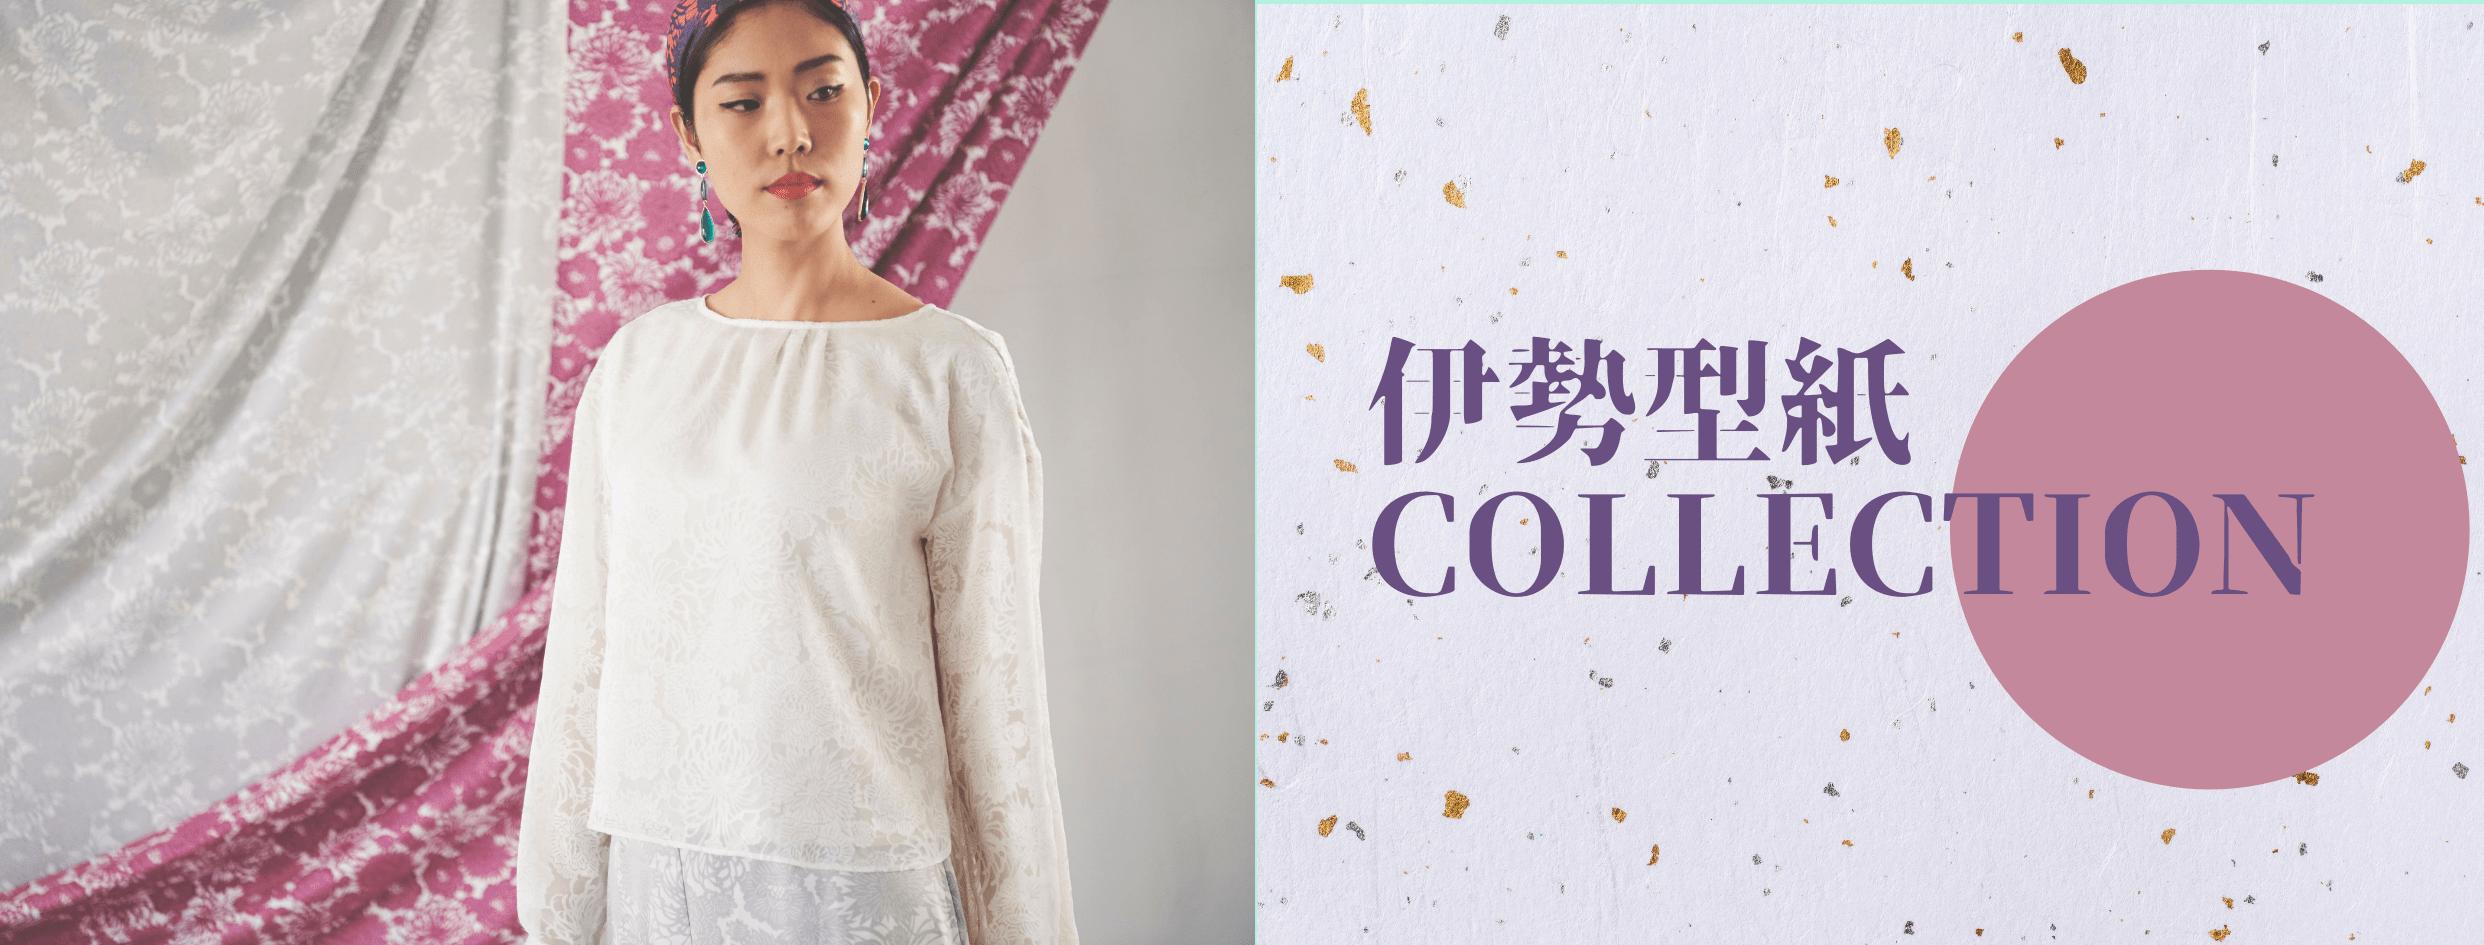 伊勢型紙 Collection